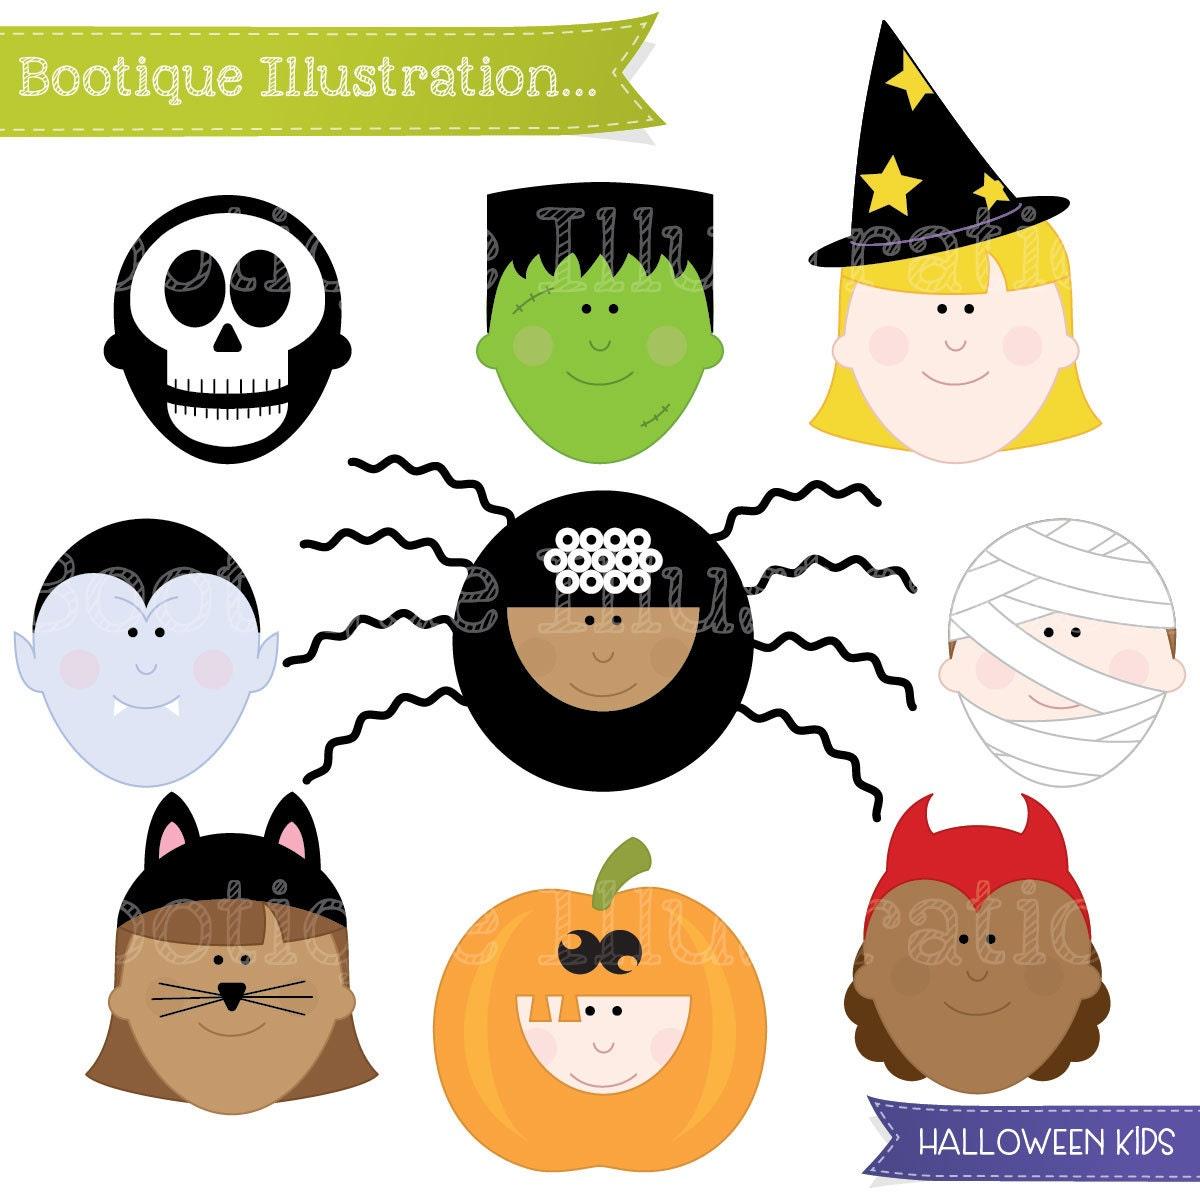 halloween clipart halloween kids clipart halloween clip art rh bootiqueillustrationclipart wordpress com Trick or Treat Clip Art Bat Clip Art